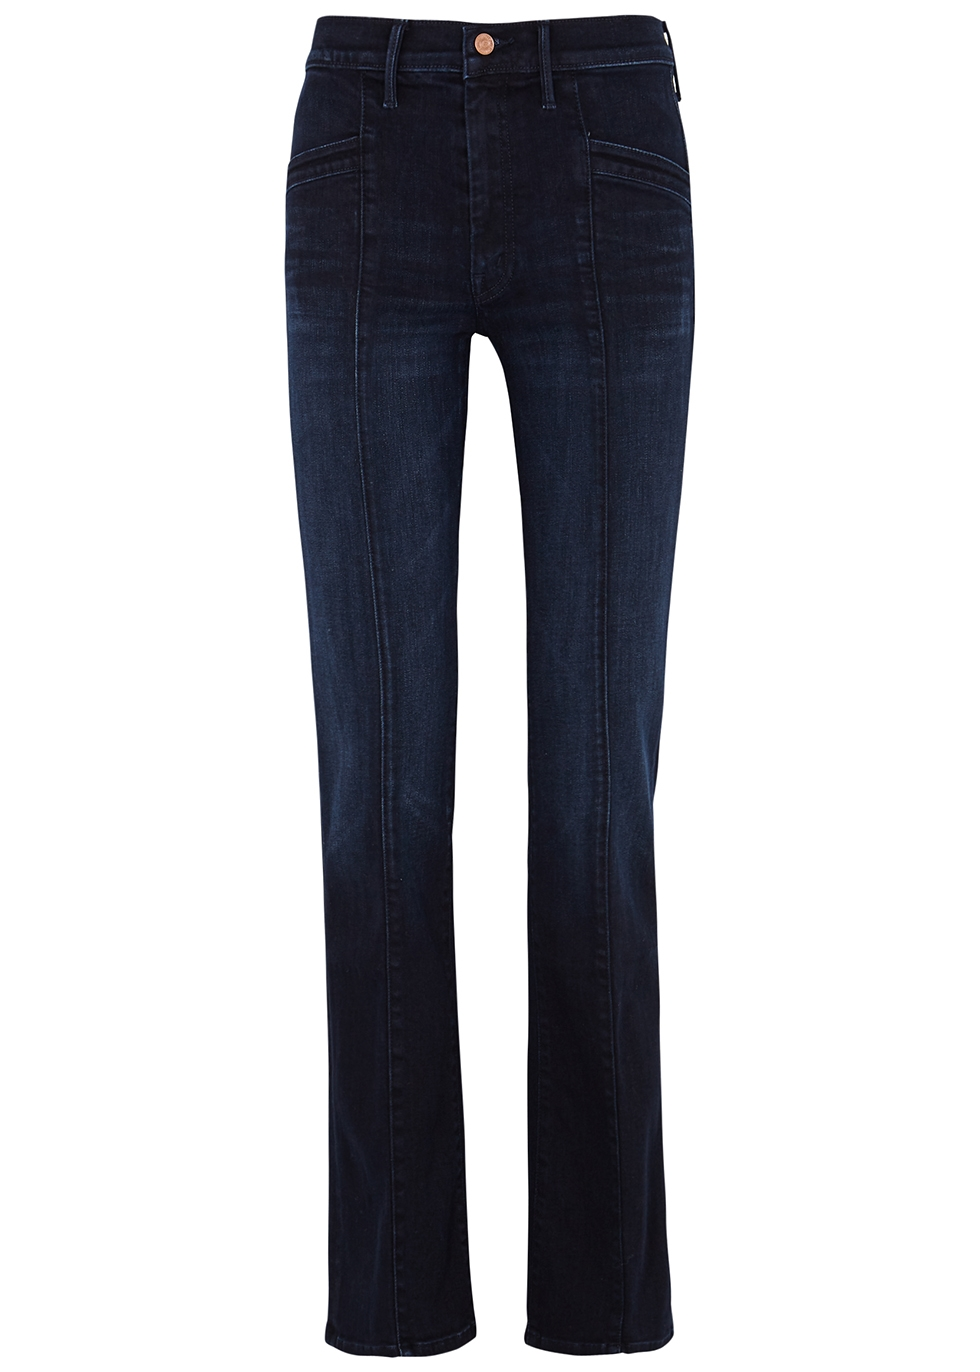 The Slant Drama dark blue slim-leg jeans